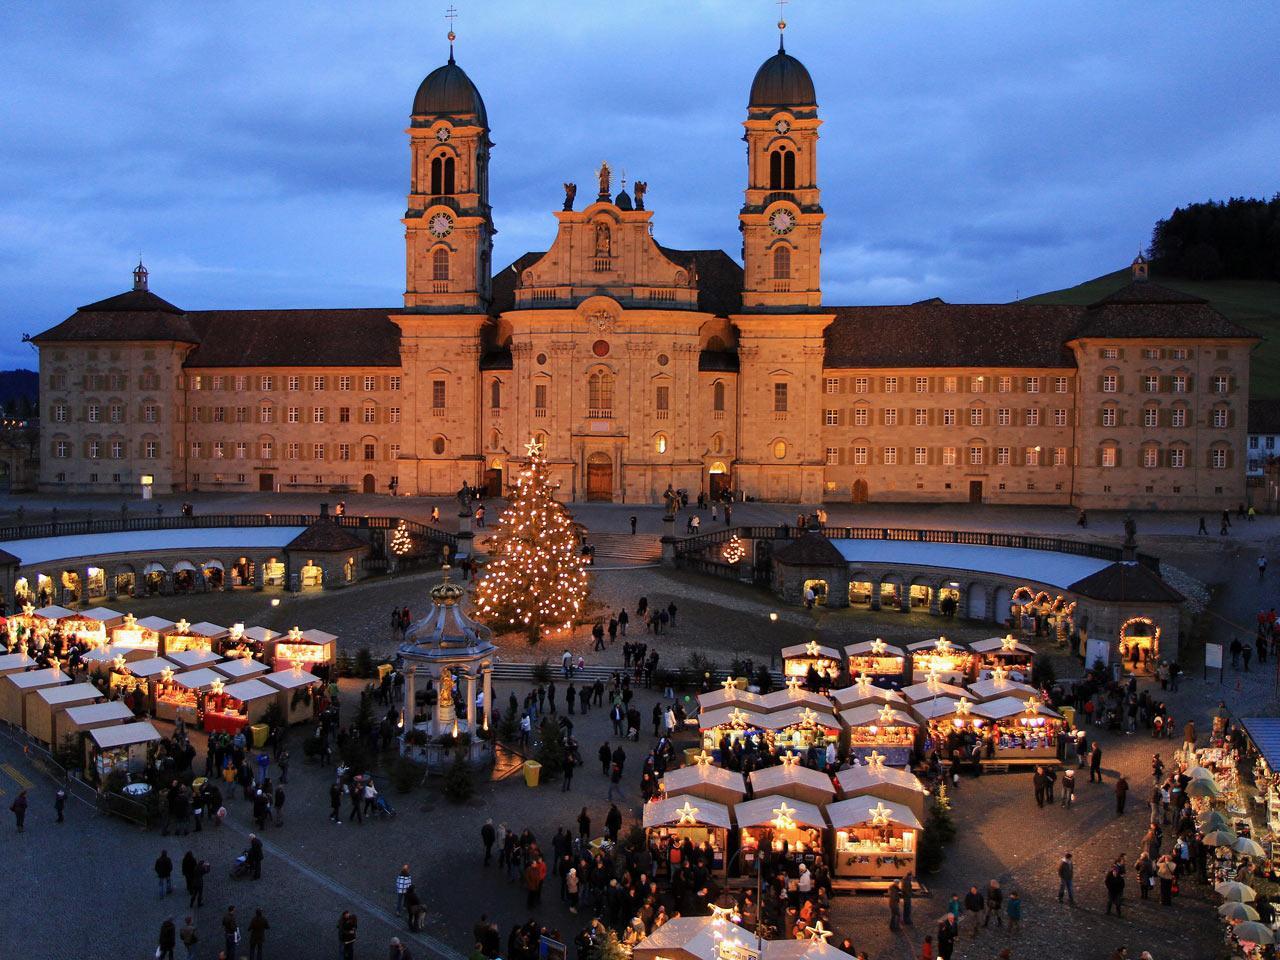 Weihnachtsmarkt Flughafen München öffnungszeiten